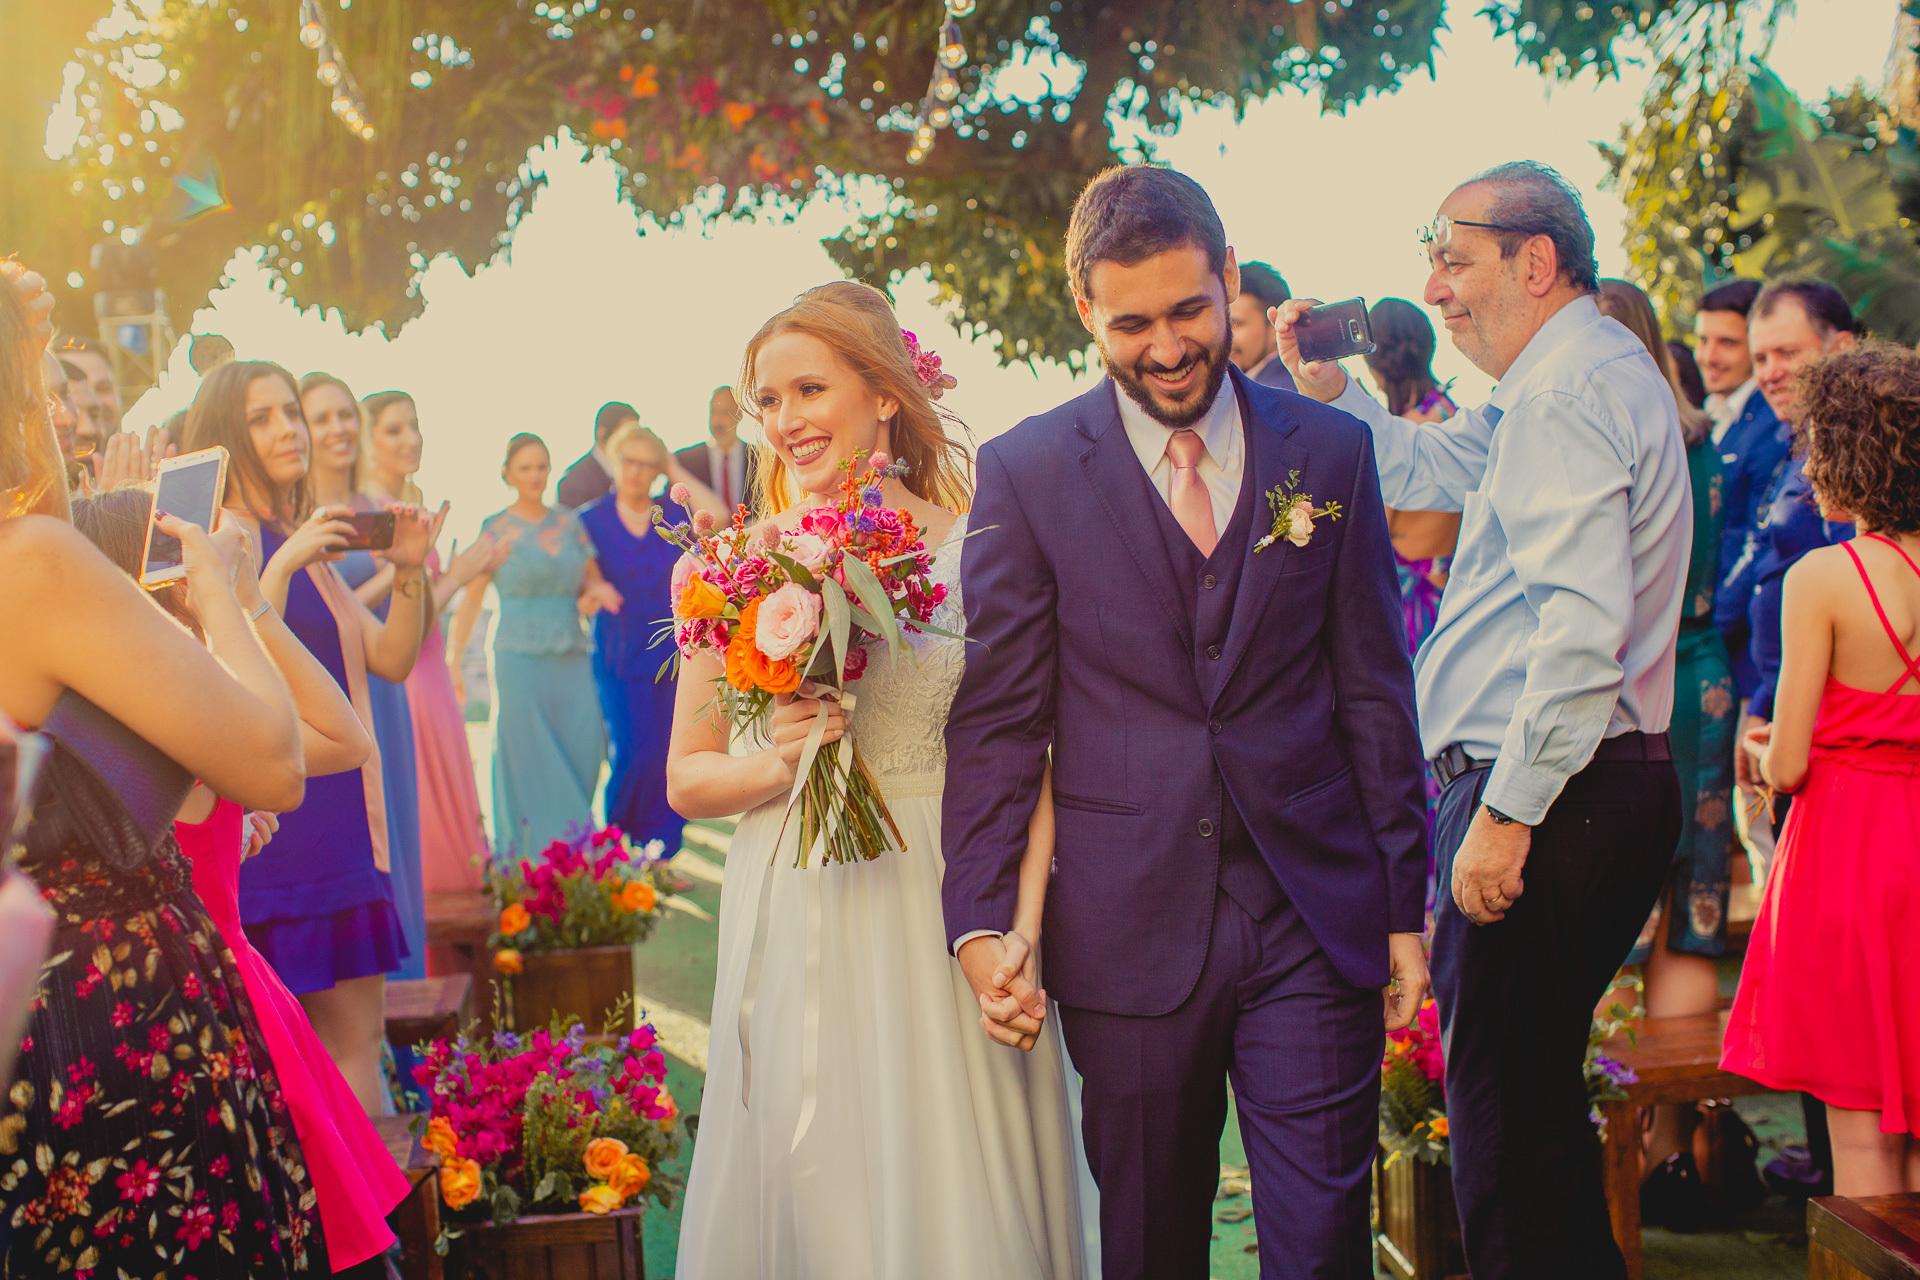 Contate Bernardo Zirkheuer Fotógrafo de Casamento